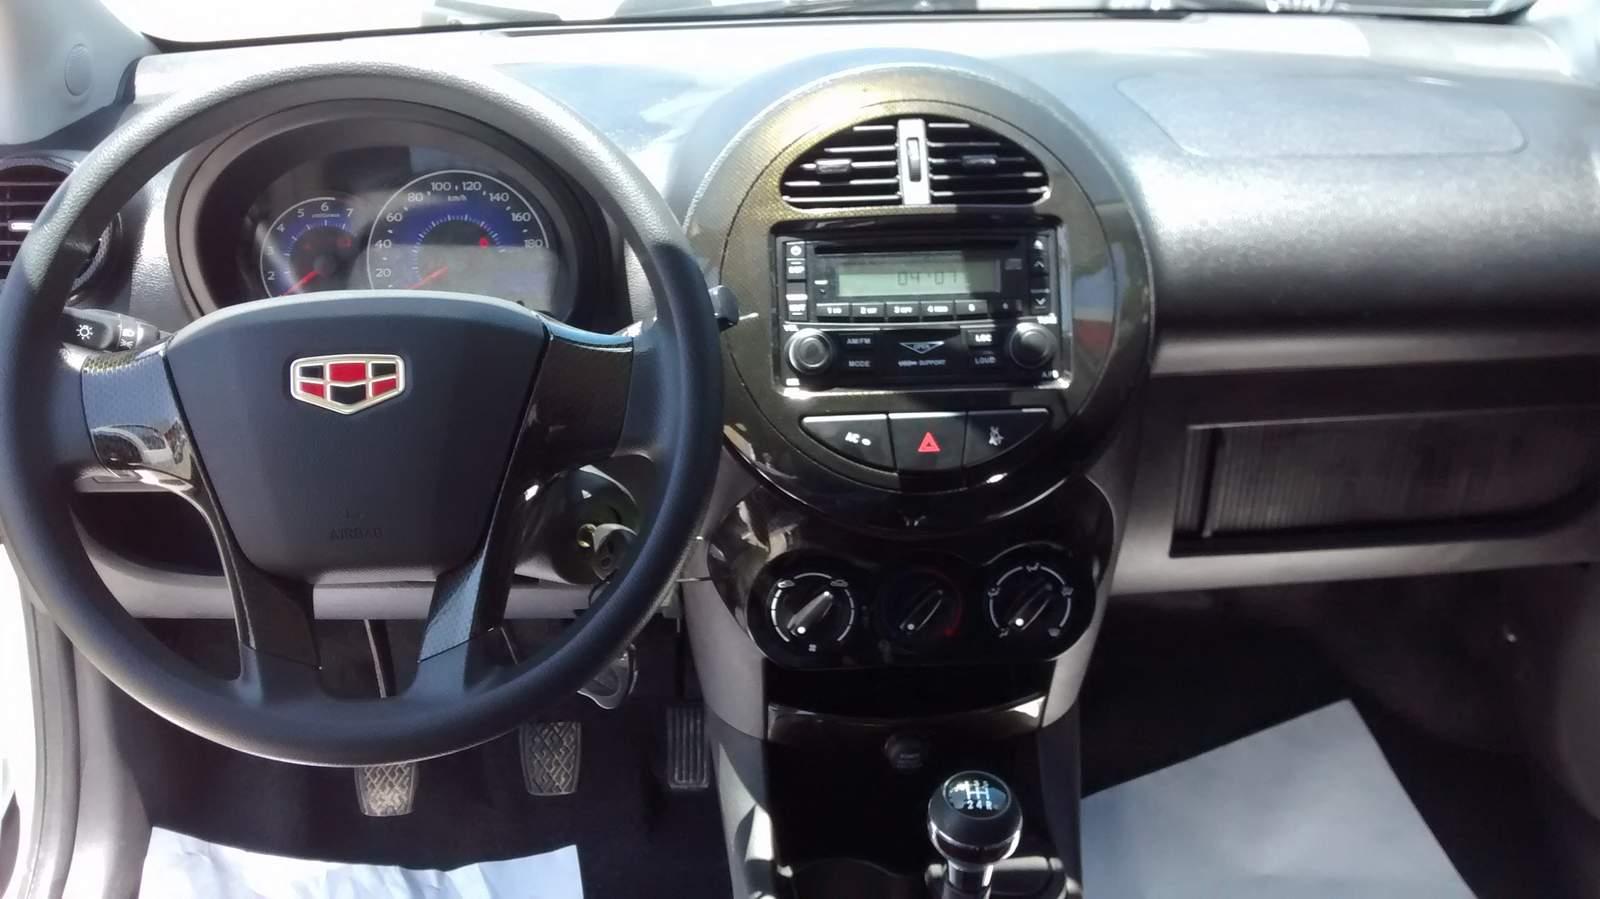 Novo Geely Gc2 Chega As Lojas Preco R 29 900 Reais Car Blog Br